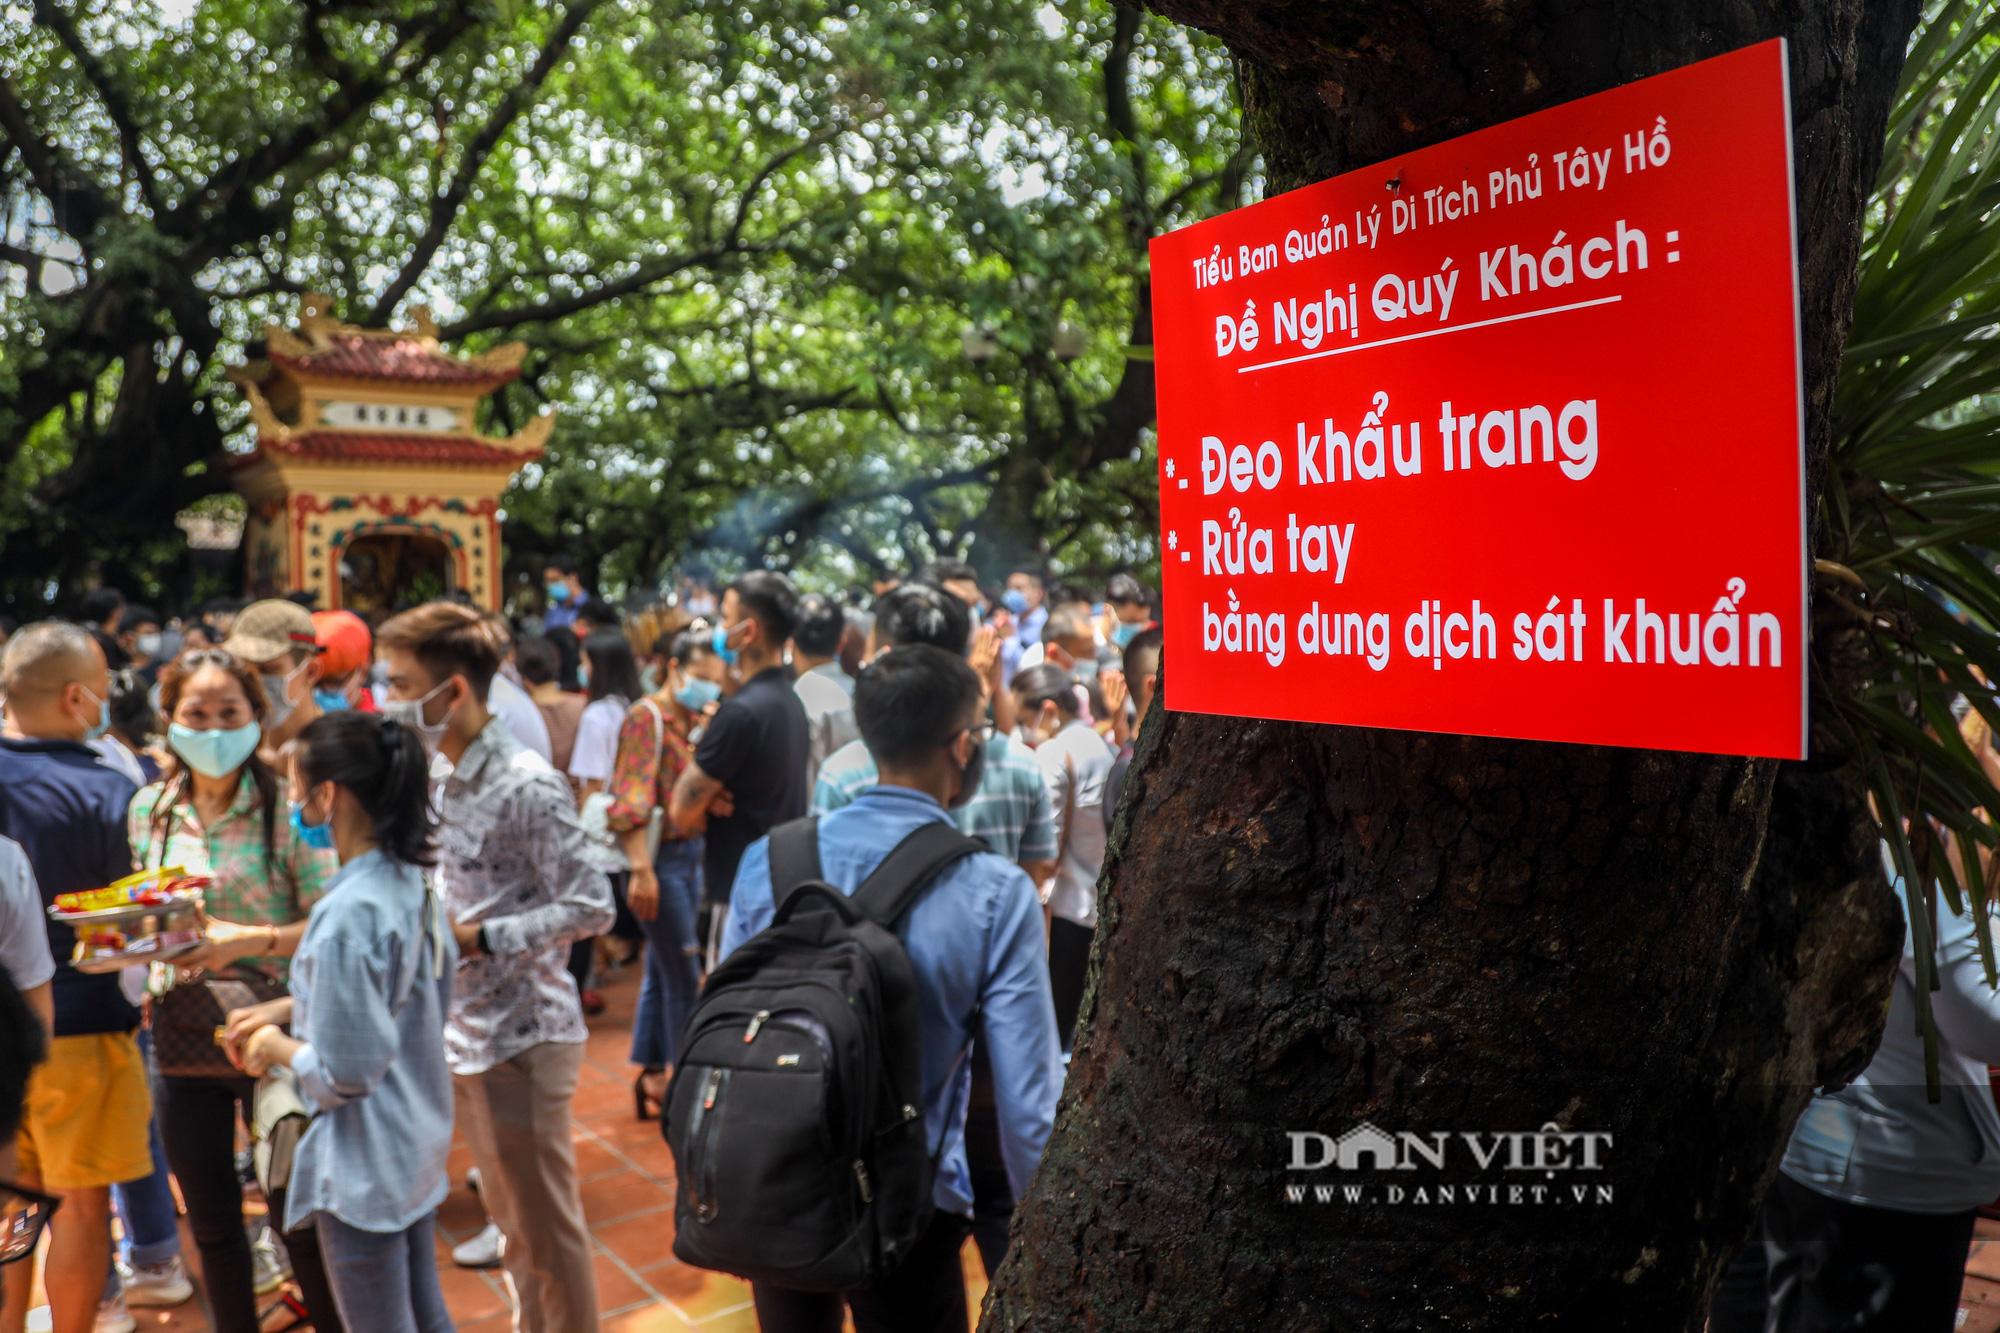 Phủ Tây Hồ đông nghịt người trong ngày đầu Hà Nội thực hiện giãn cách - Ảnh 6.